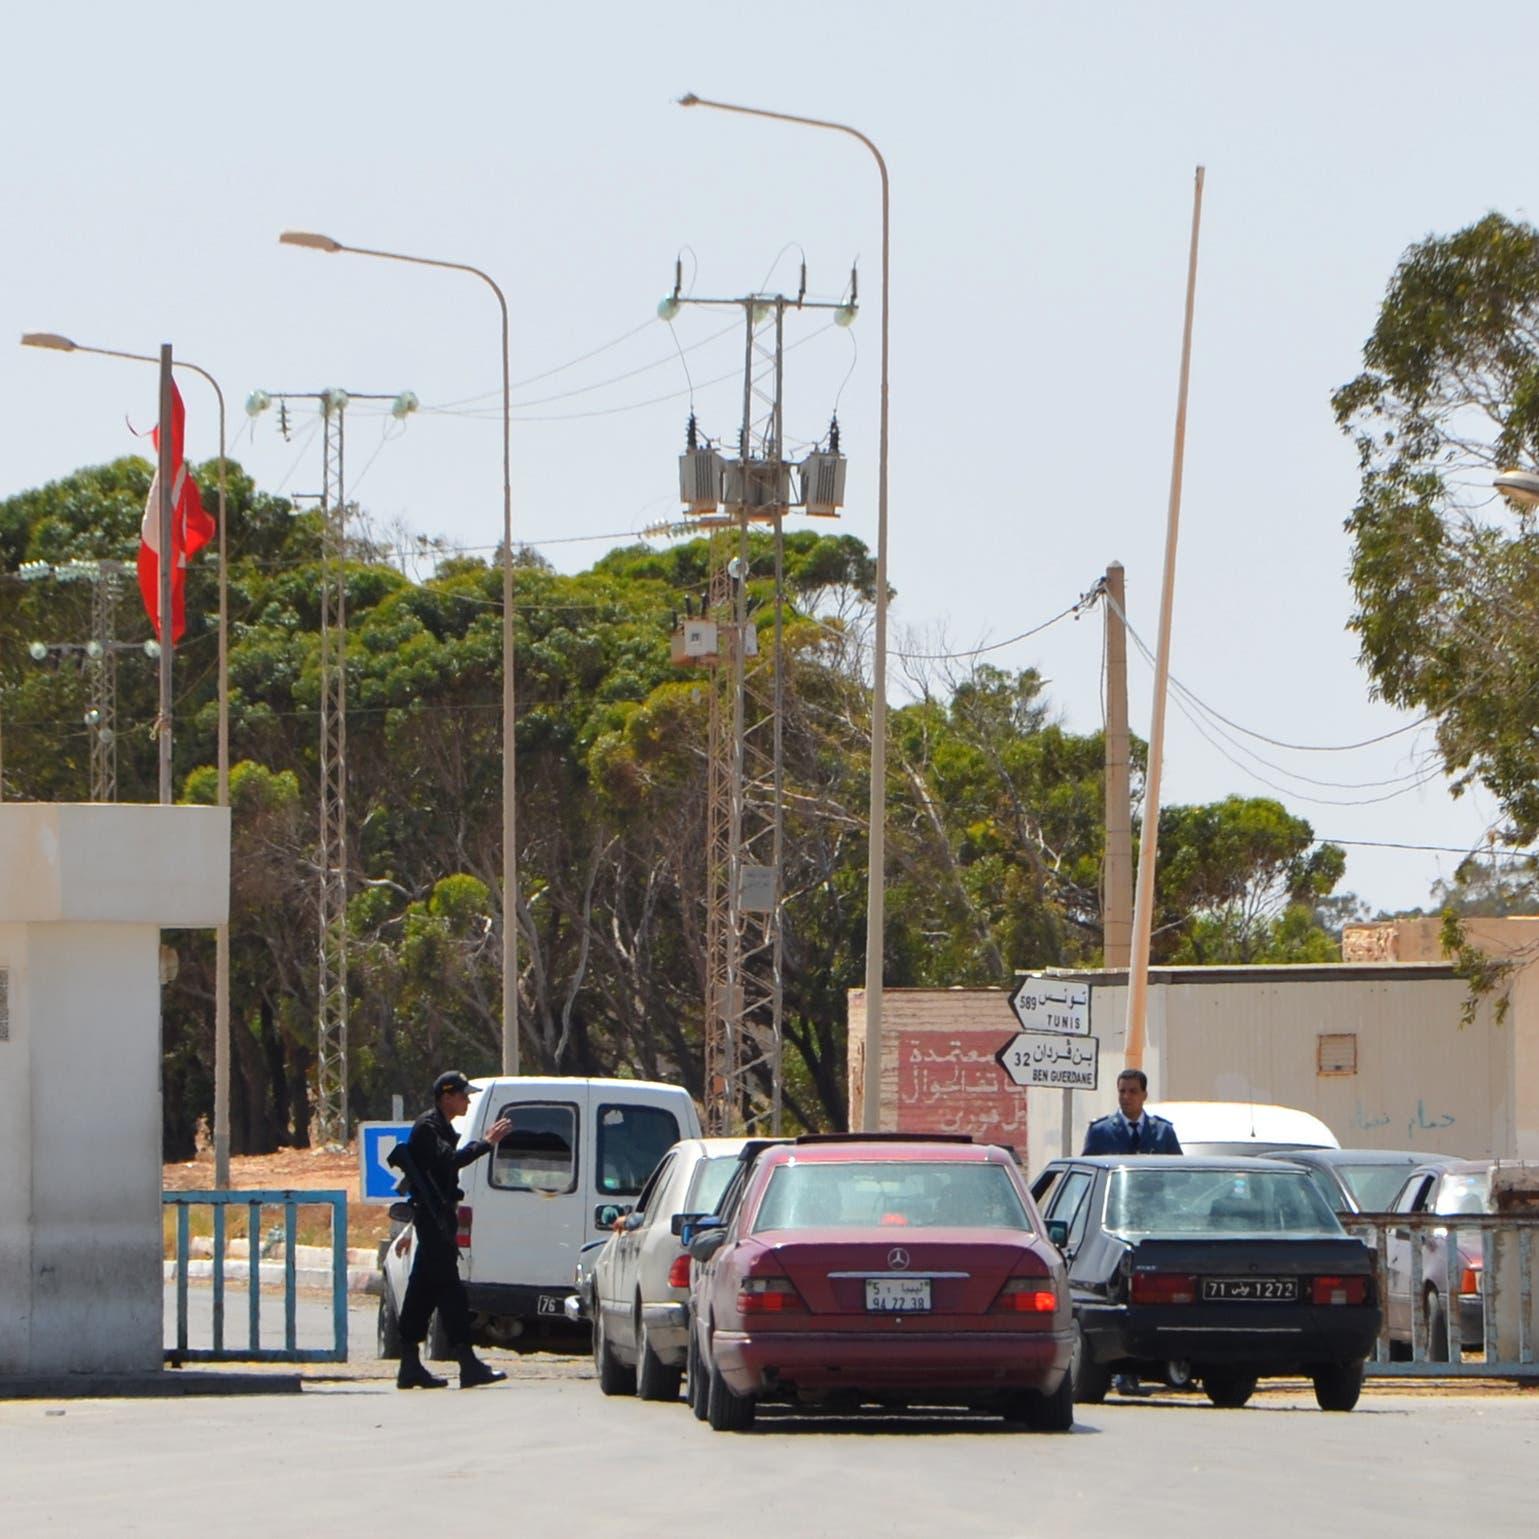 تونس: لن نسمح لتركيا بإنزال قواتها عبر حدودنا مع ليبيا